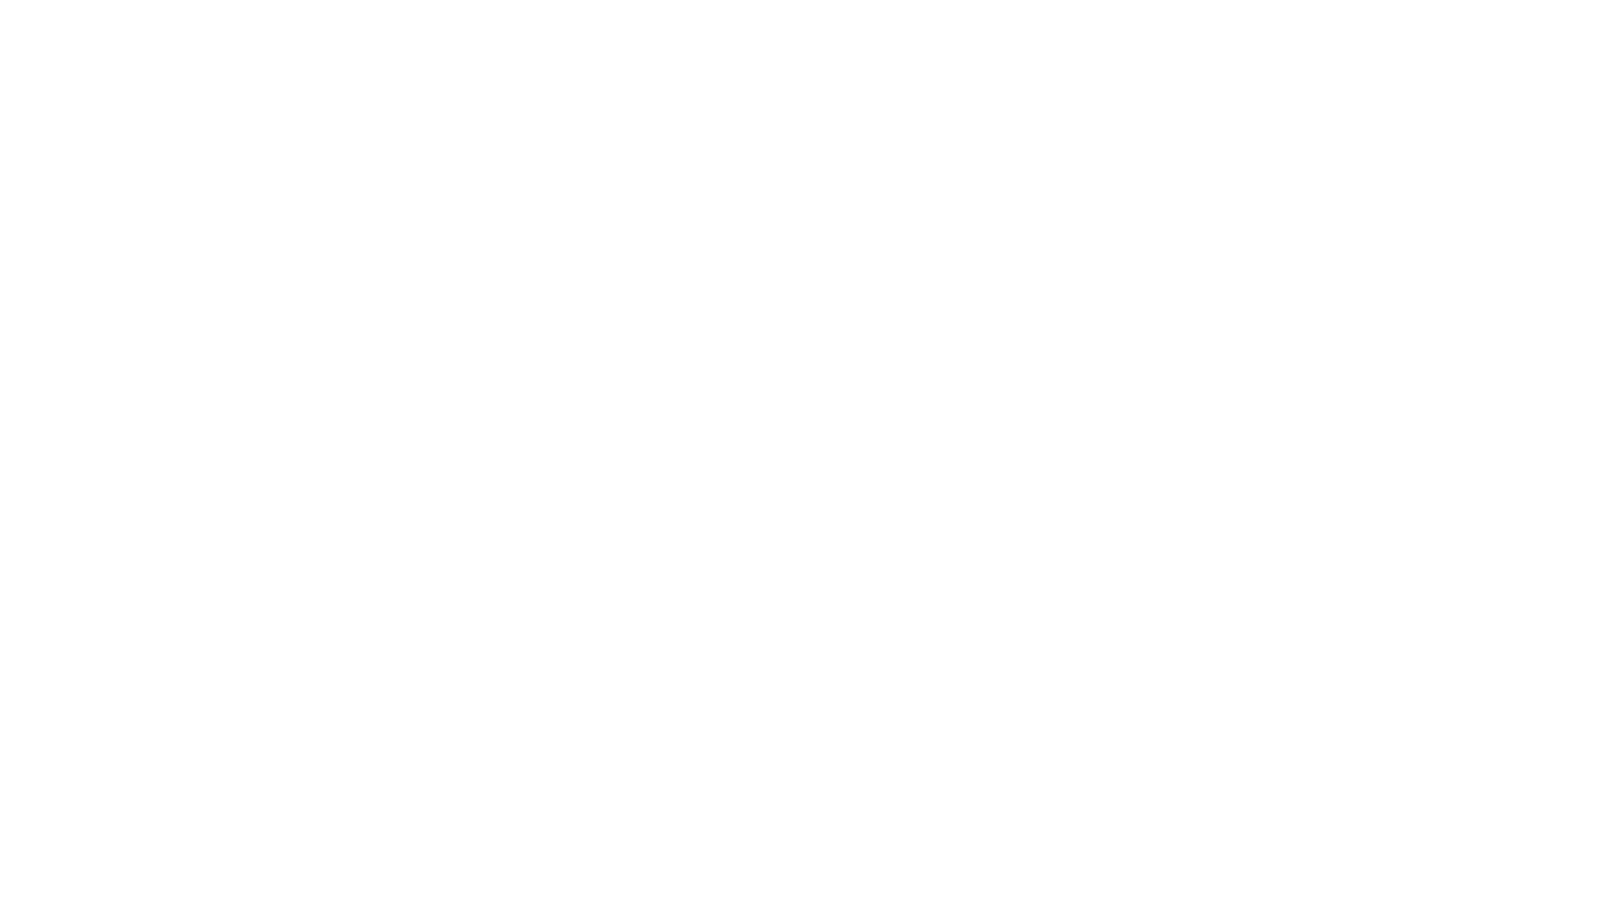 第8回目となる今回は与謝野町のくすぐるカード会の皆様に、取り組みの近況や、桜プロジェクトから京都よさの百商一気合同会社の発足について、お伺い致します★ ==== 商店街NOWは、京都府内の商店街支援を行う商店街創生センターがコロナ禍で頑張る商店街の方々や取り組みにスポットを当てて、あれやこれやとお話をお聞きしていくオンラインの配信企画となります。   タイトル:新しいカードシステム導入で、なんと町民の半数が会員に! 日時:2021年4月5日(月)12:00〜 ゲスト:くすぐるカード会の皆様  司会・進行:  前田志津江氏(京都府・商店街創生センター)  タナカユウヤ(株式会社ツナグム)   YouTube:https://youtu.be/-Nql8RhgT4o Facebook:https://www.facebook.com/sousei26/posts/1190279908057997